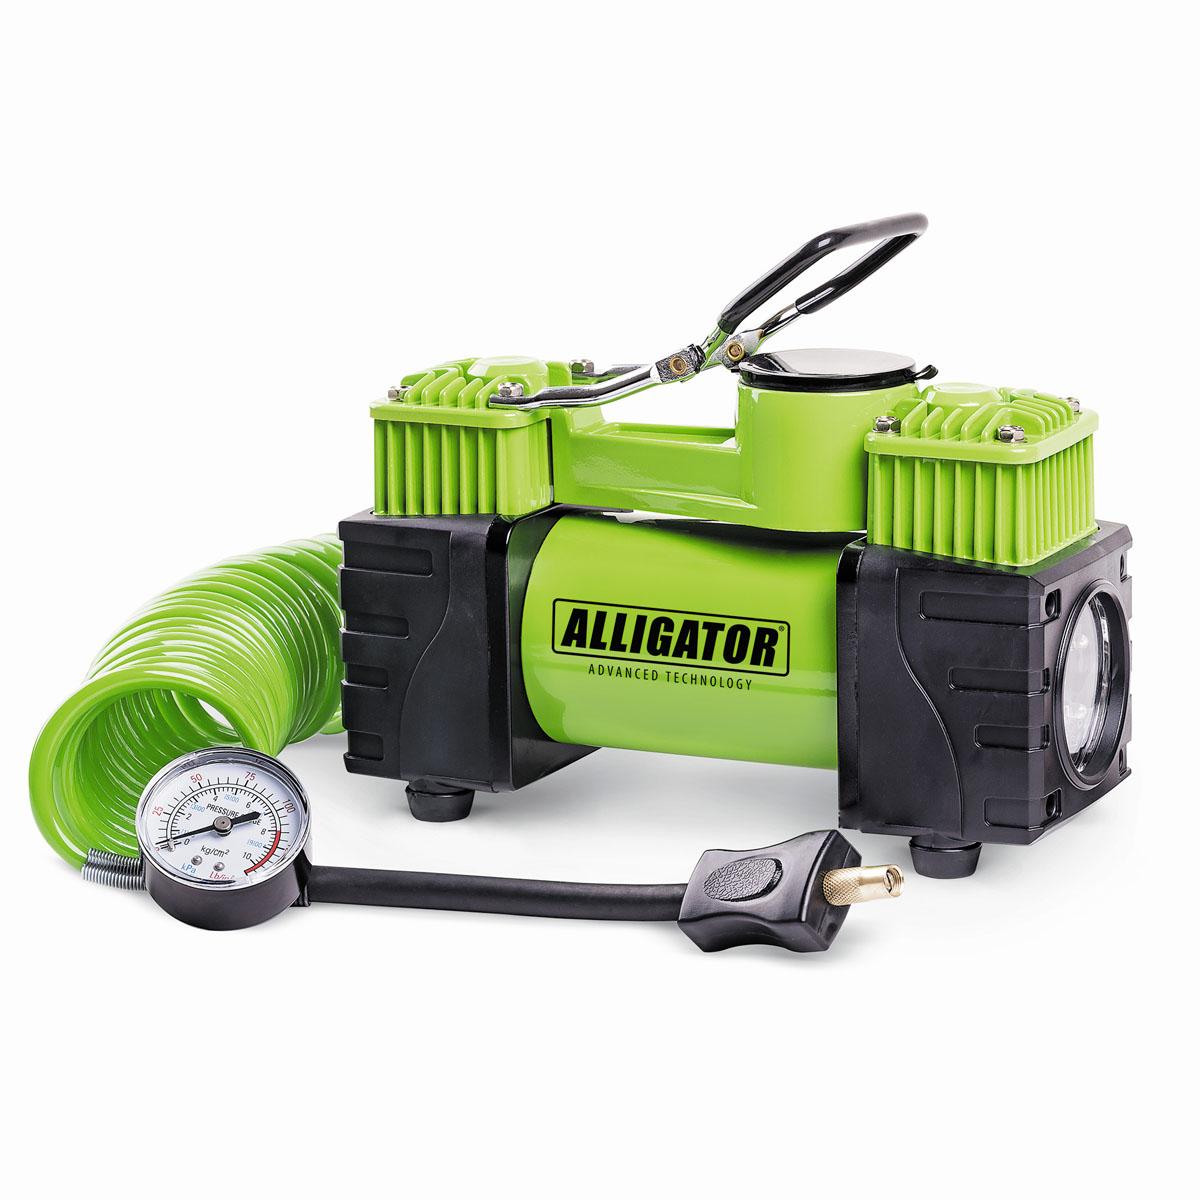 Компрессор автомобильный ALLIGATOR AL-500, двухпоршневой, 12В, 220 Вт автомобильный компрессор аллигатор al 350